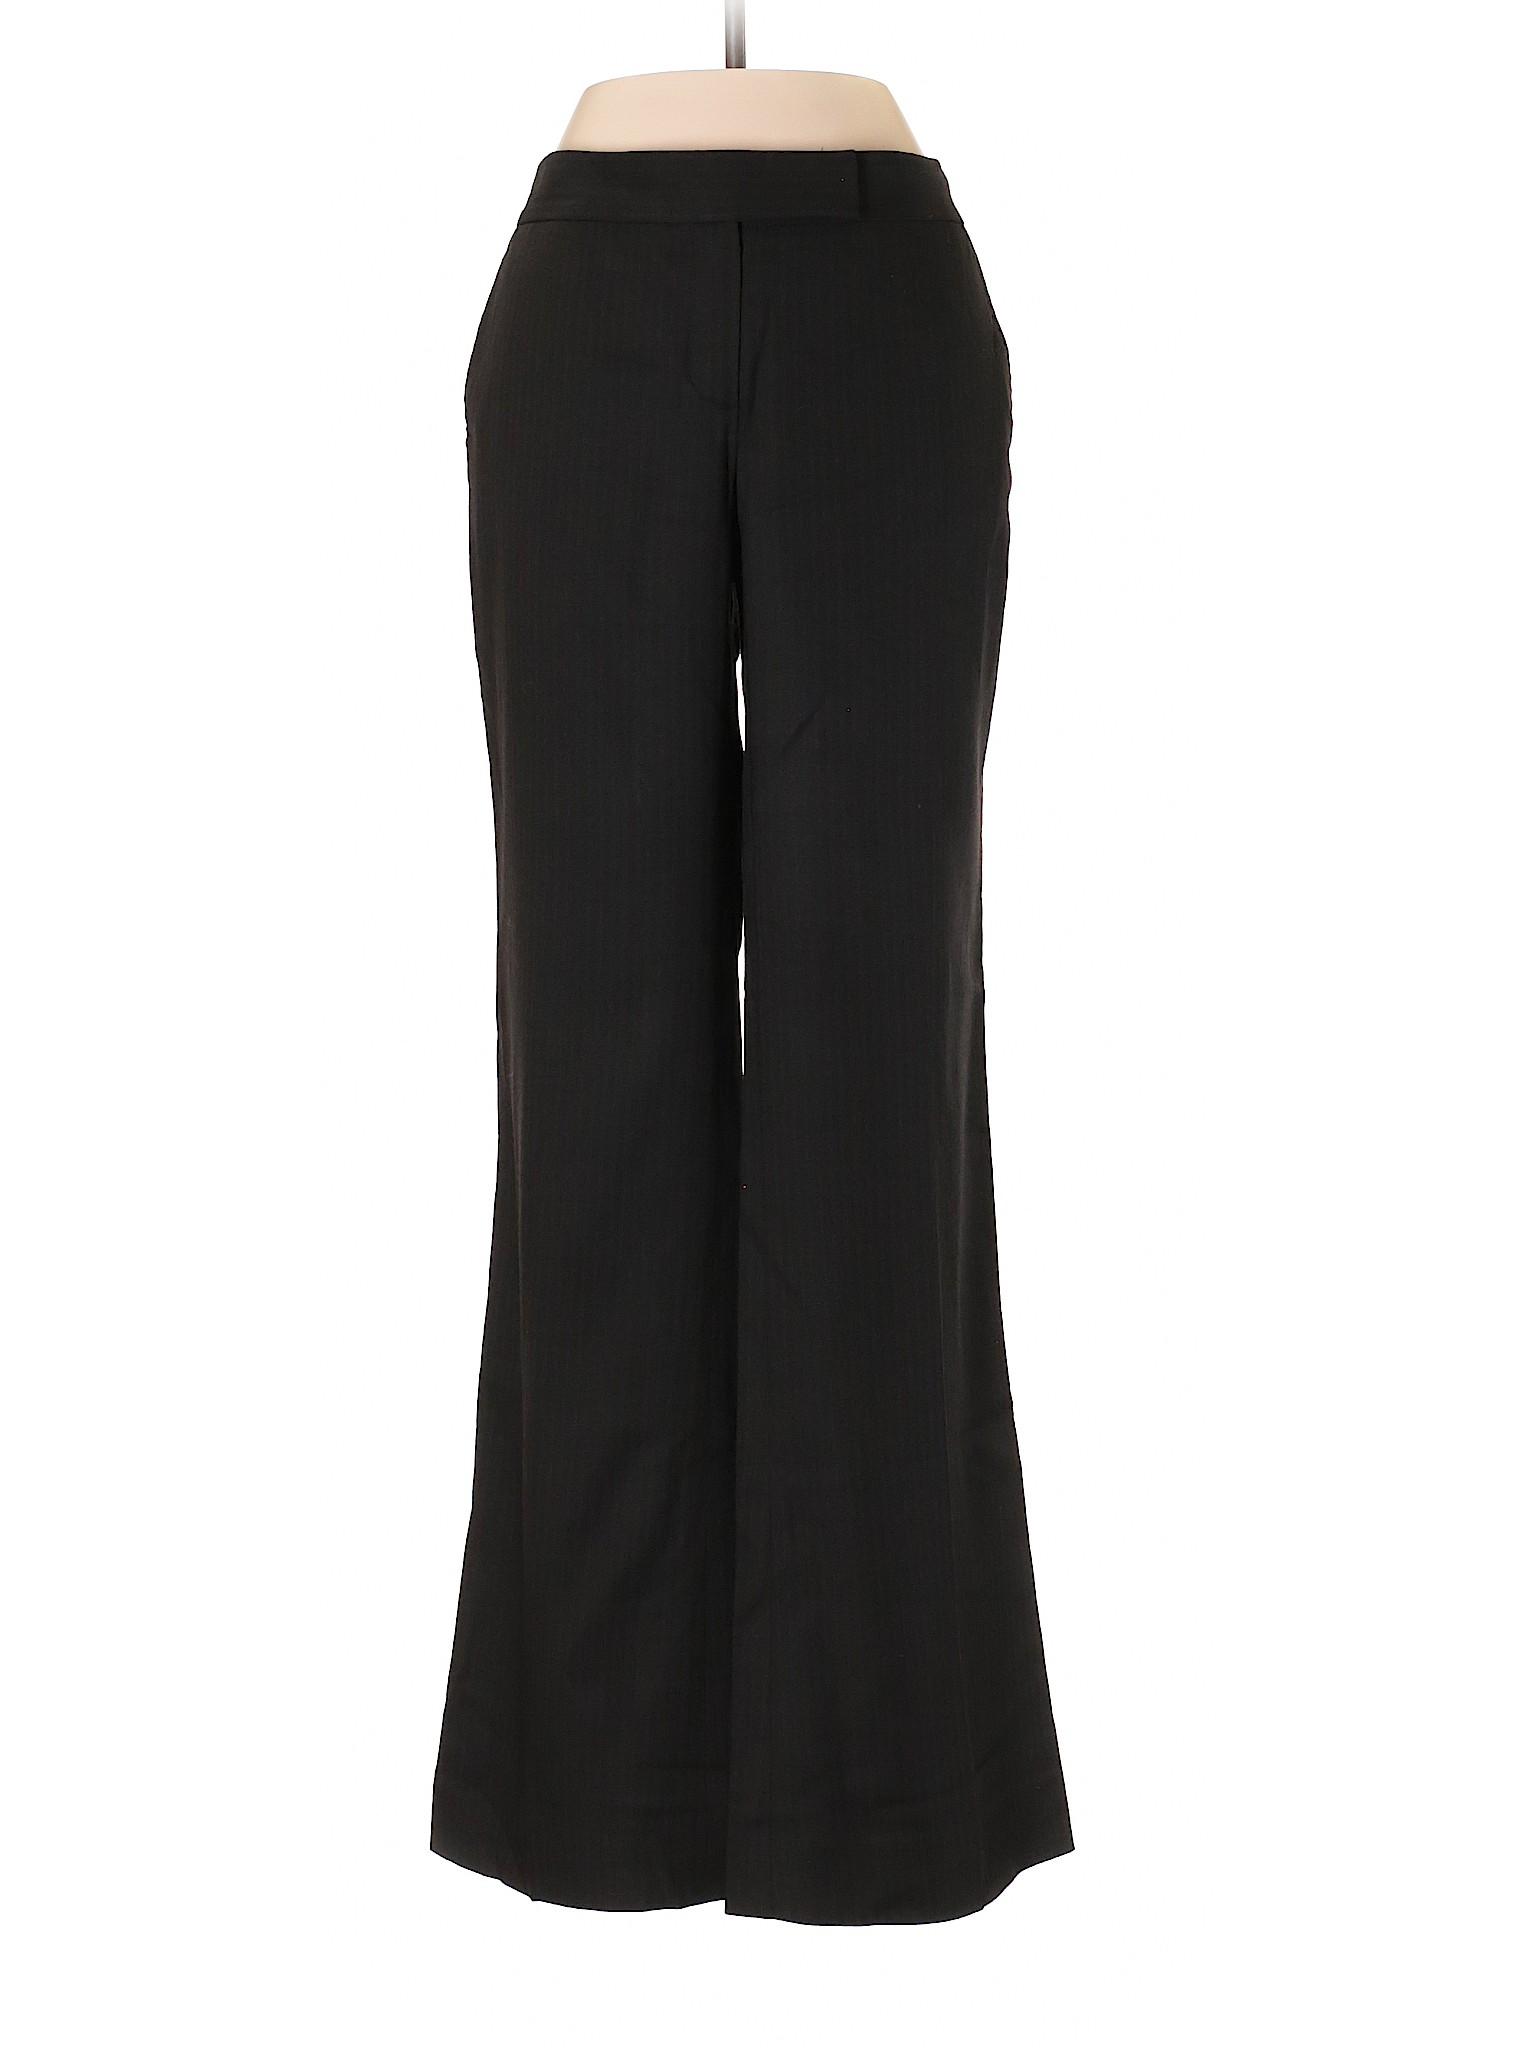 Dress Tahari Elie Pants leisure Boutique x4Onp6ptw